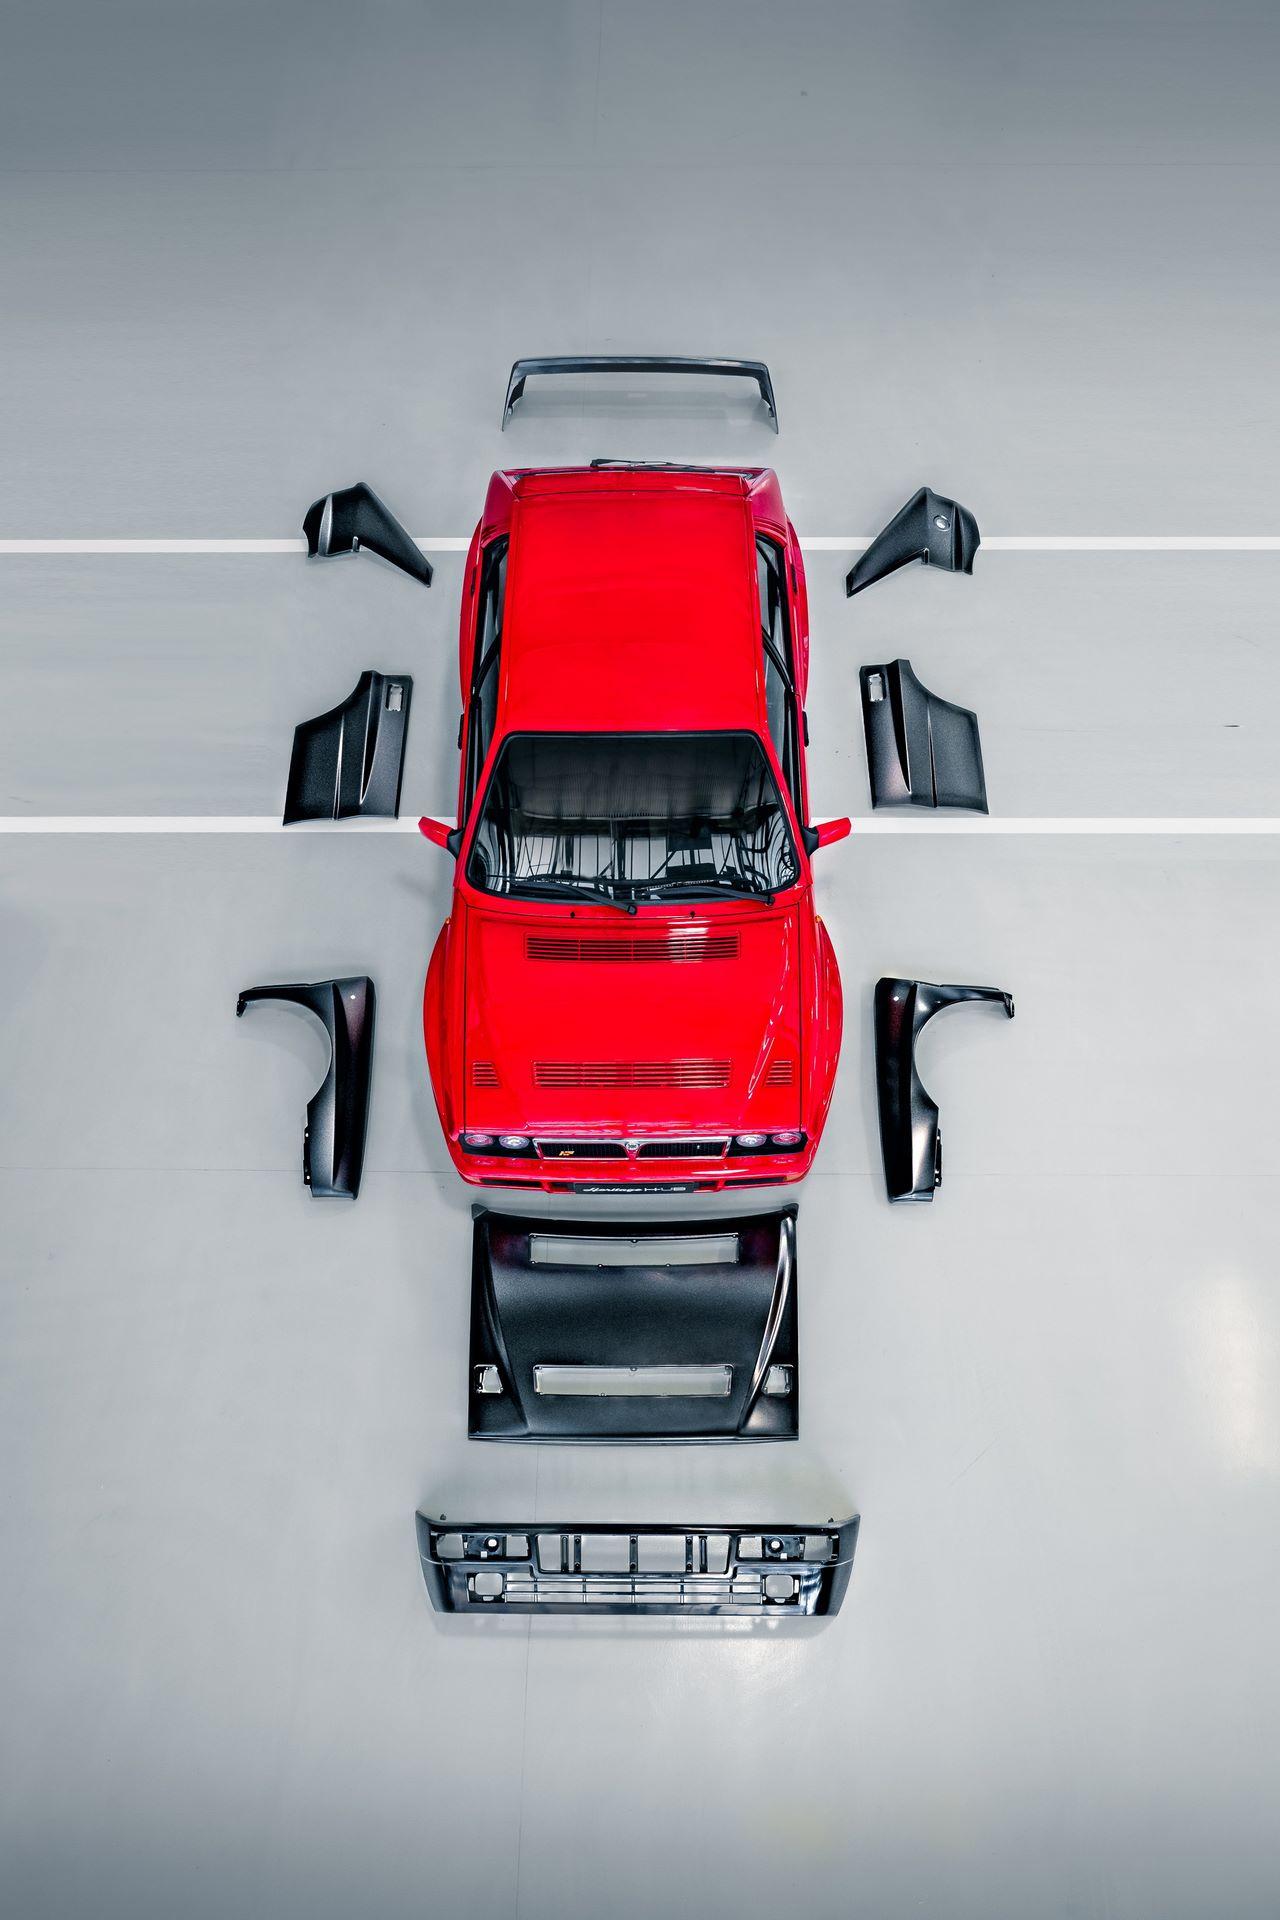 Stellantis-Heritage-Parts-Lancia-Delta-HF-Integrale-Evoluzione-5